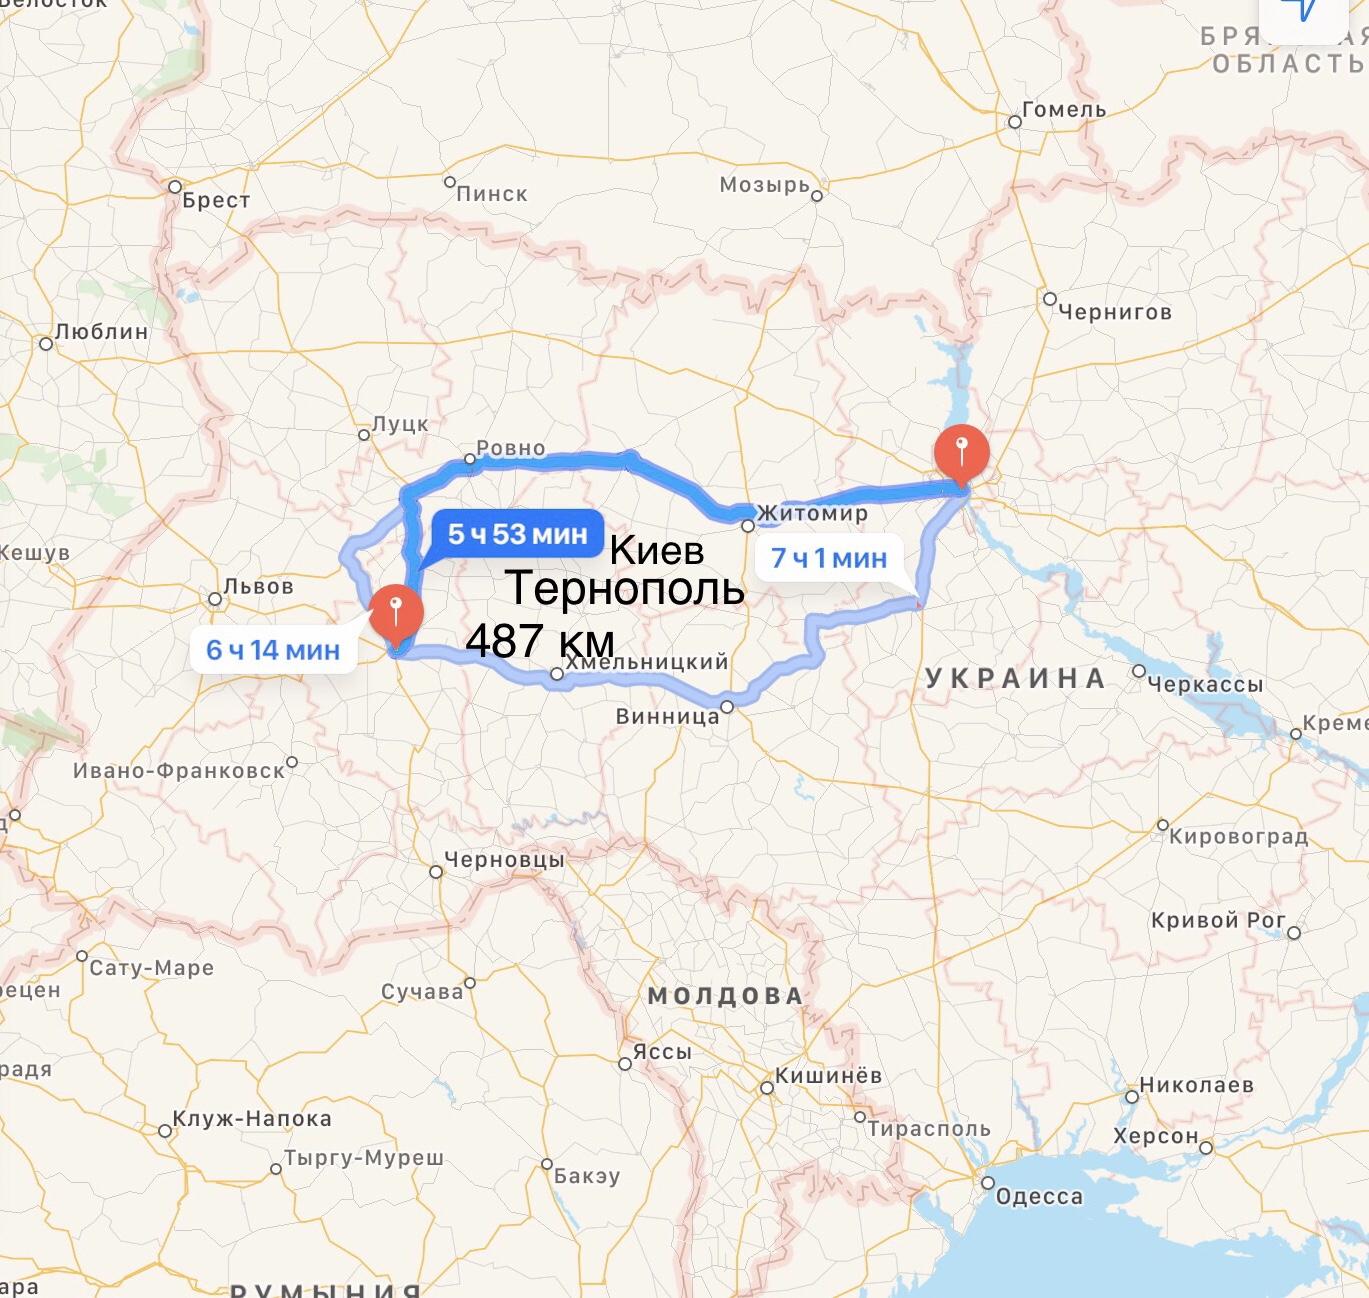 Грузоперевозки Киев – Тернополь